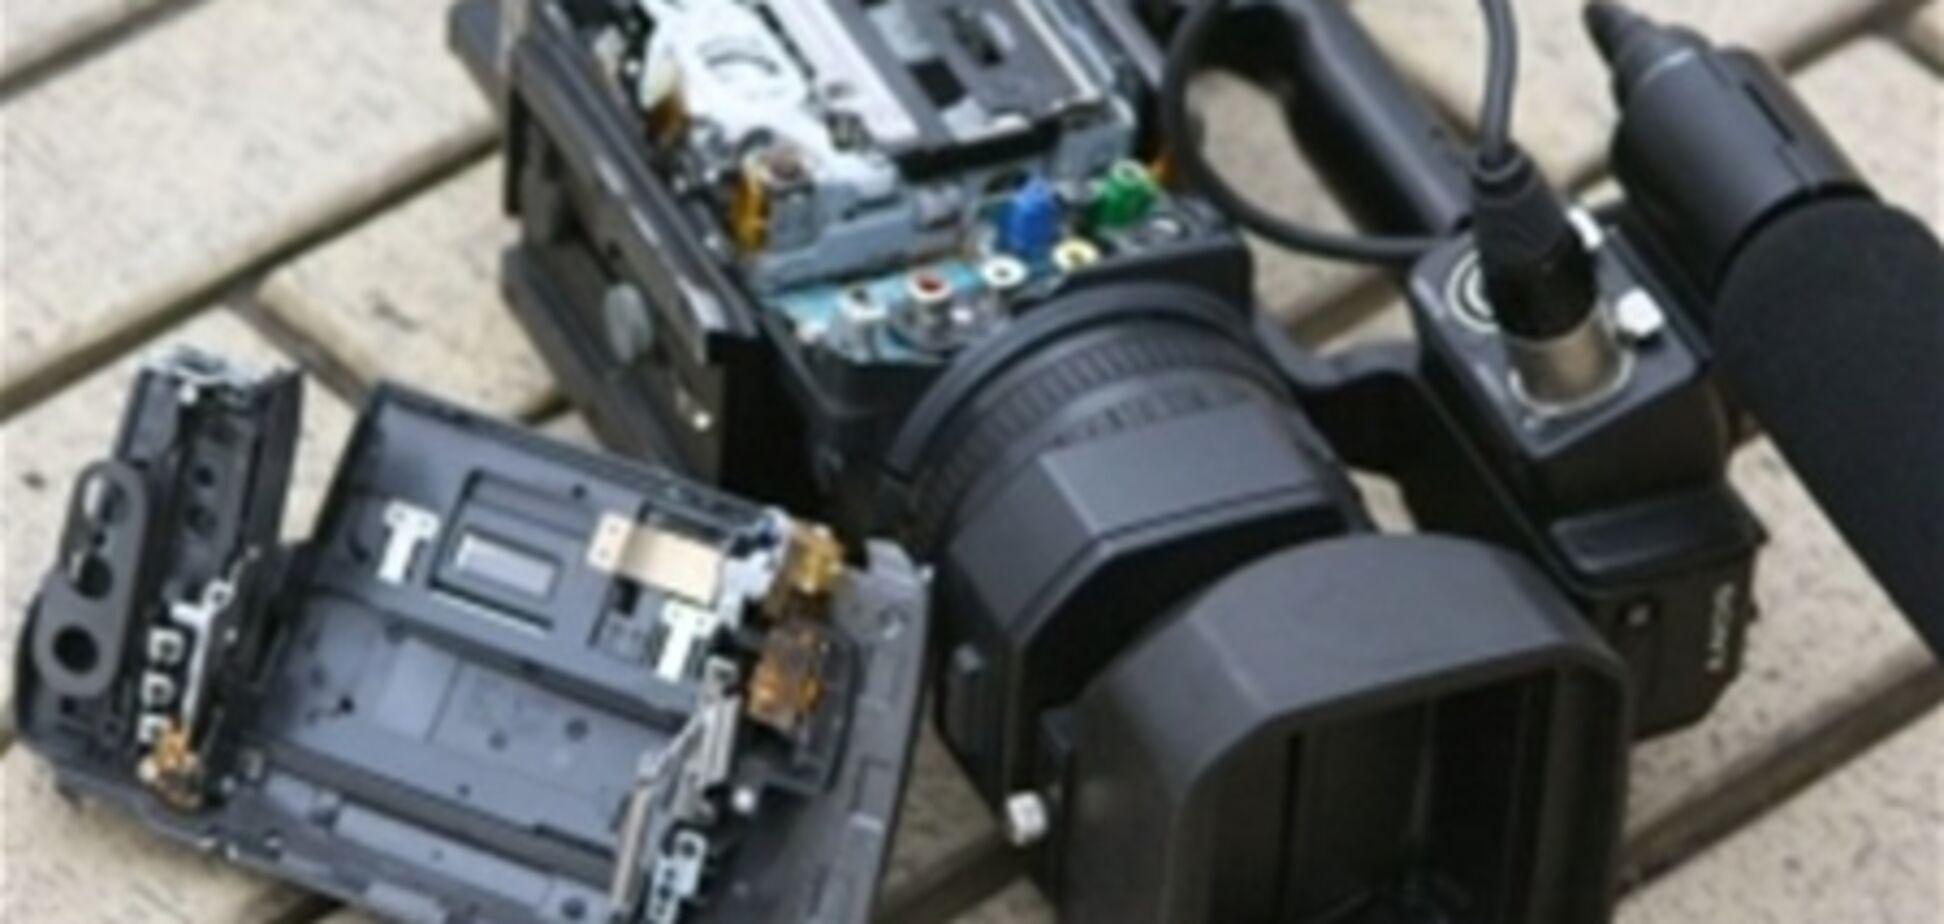 У Дніпропетровську один з начальників автовокзалу розбив камеру журналістам